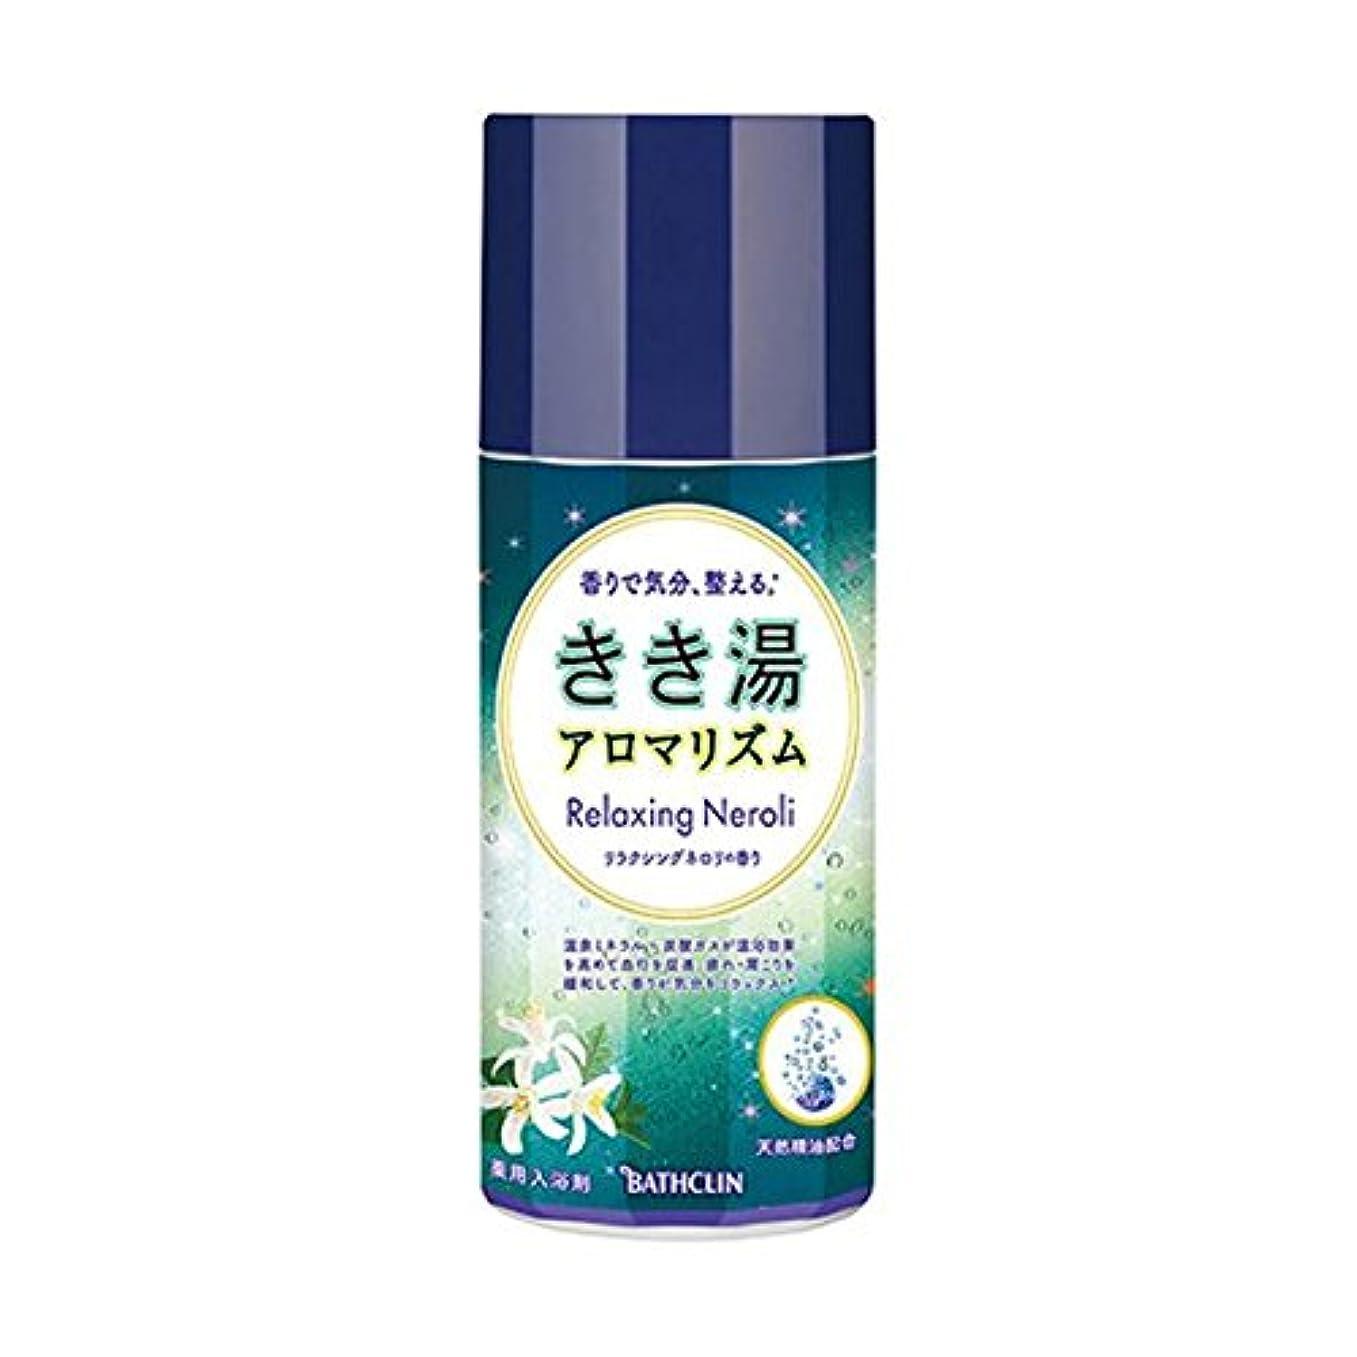 リマーク居間ジャンプするきき湯アロマリズム リラクシングネロリの香り 360gx3本 (4548514137585)